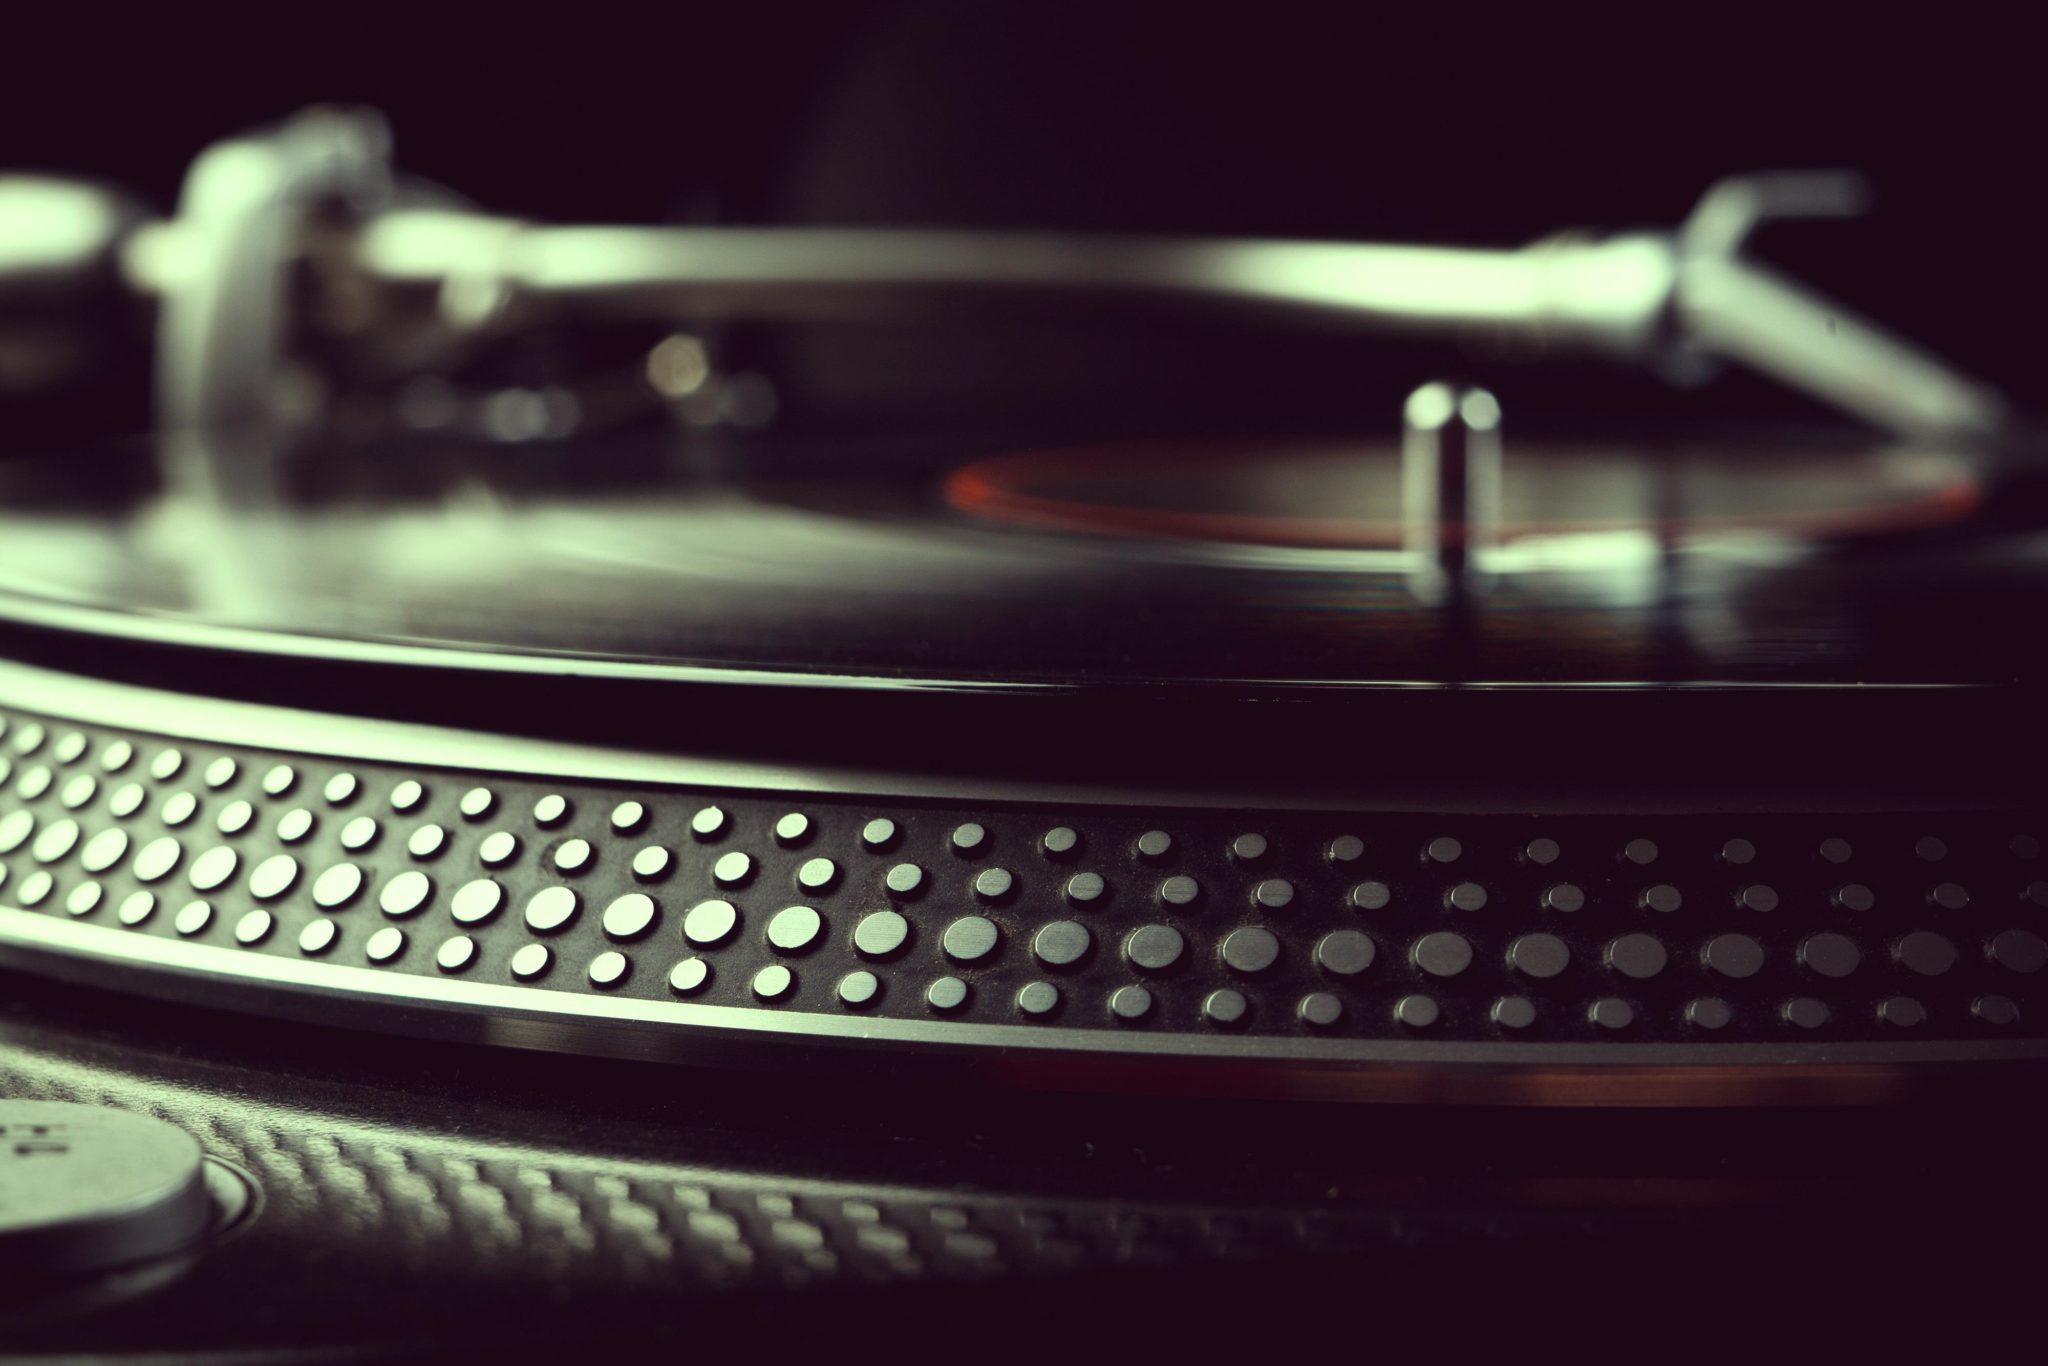 1ª Feira de Discos do Tatuapé acontece dia 21.09 box set, discos, DJ, Edições Limitadas, feira, funk, jazz, Latin, LPs, Metal, mpb, música eletrônica, pop, Promos, rap, Rock, samba, sebo, Singles, soul, tatuape, vinil, White Labels